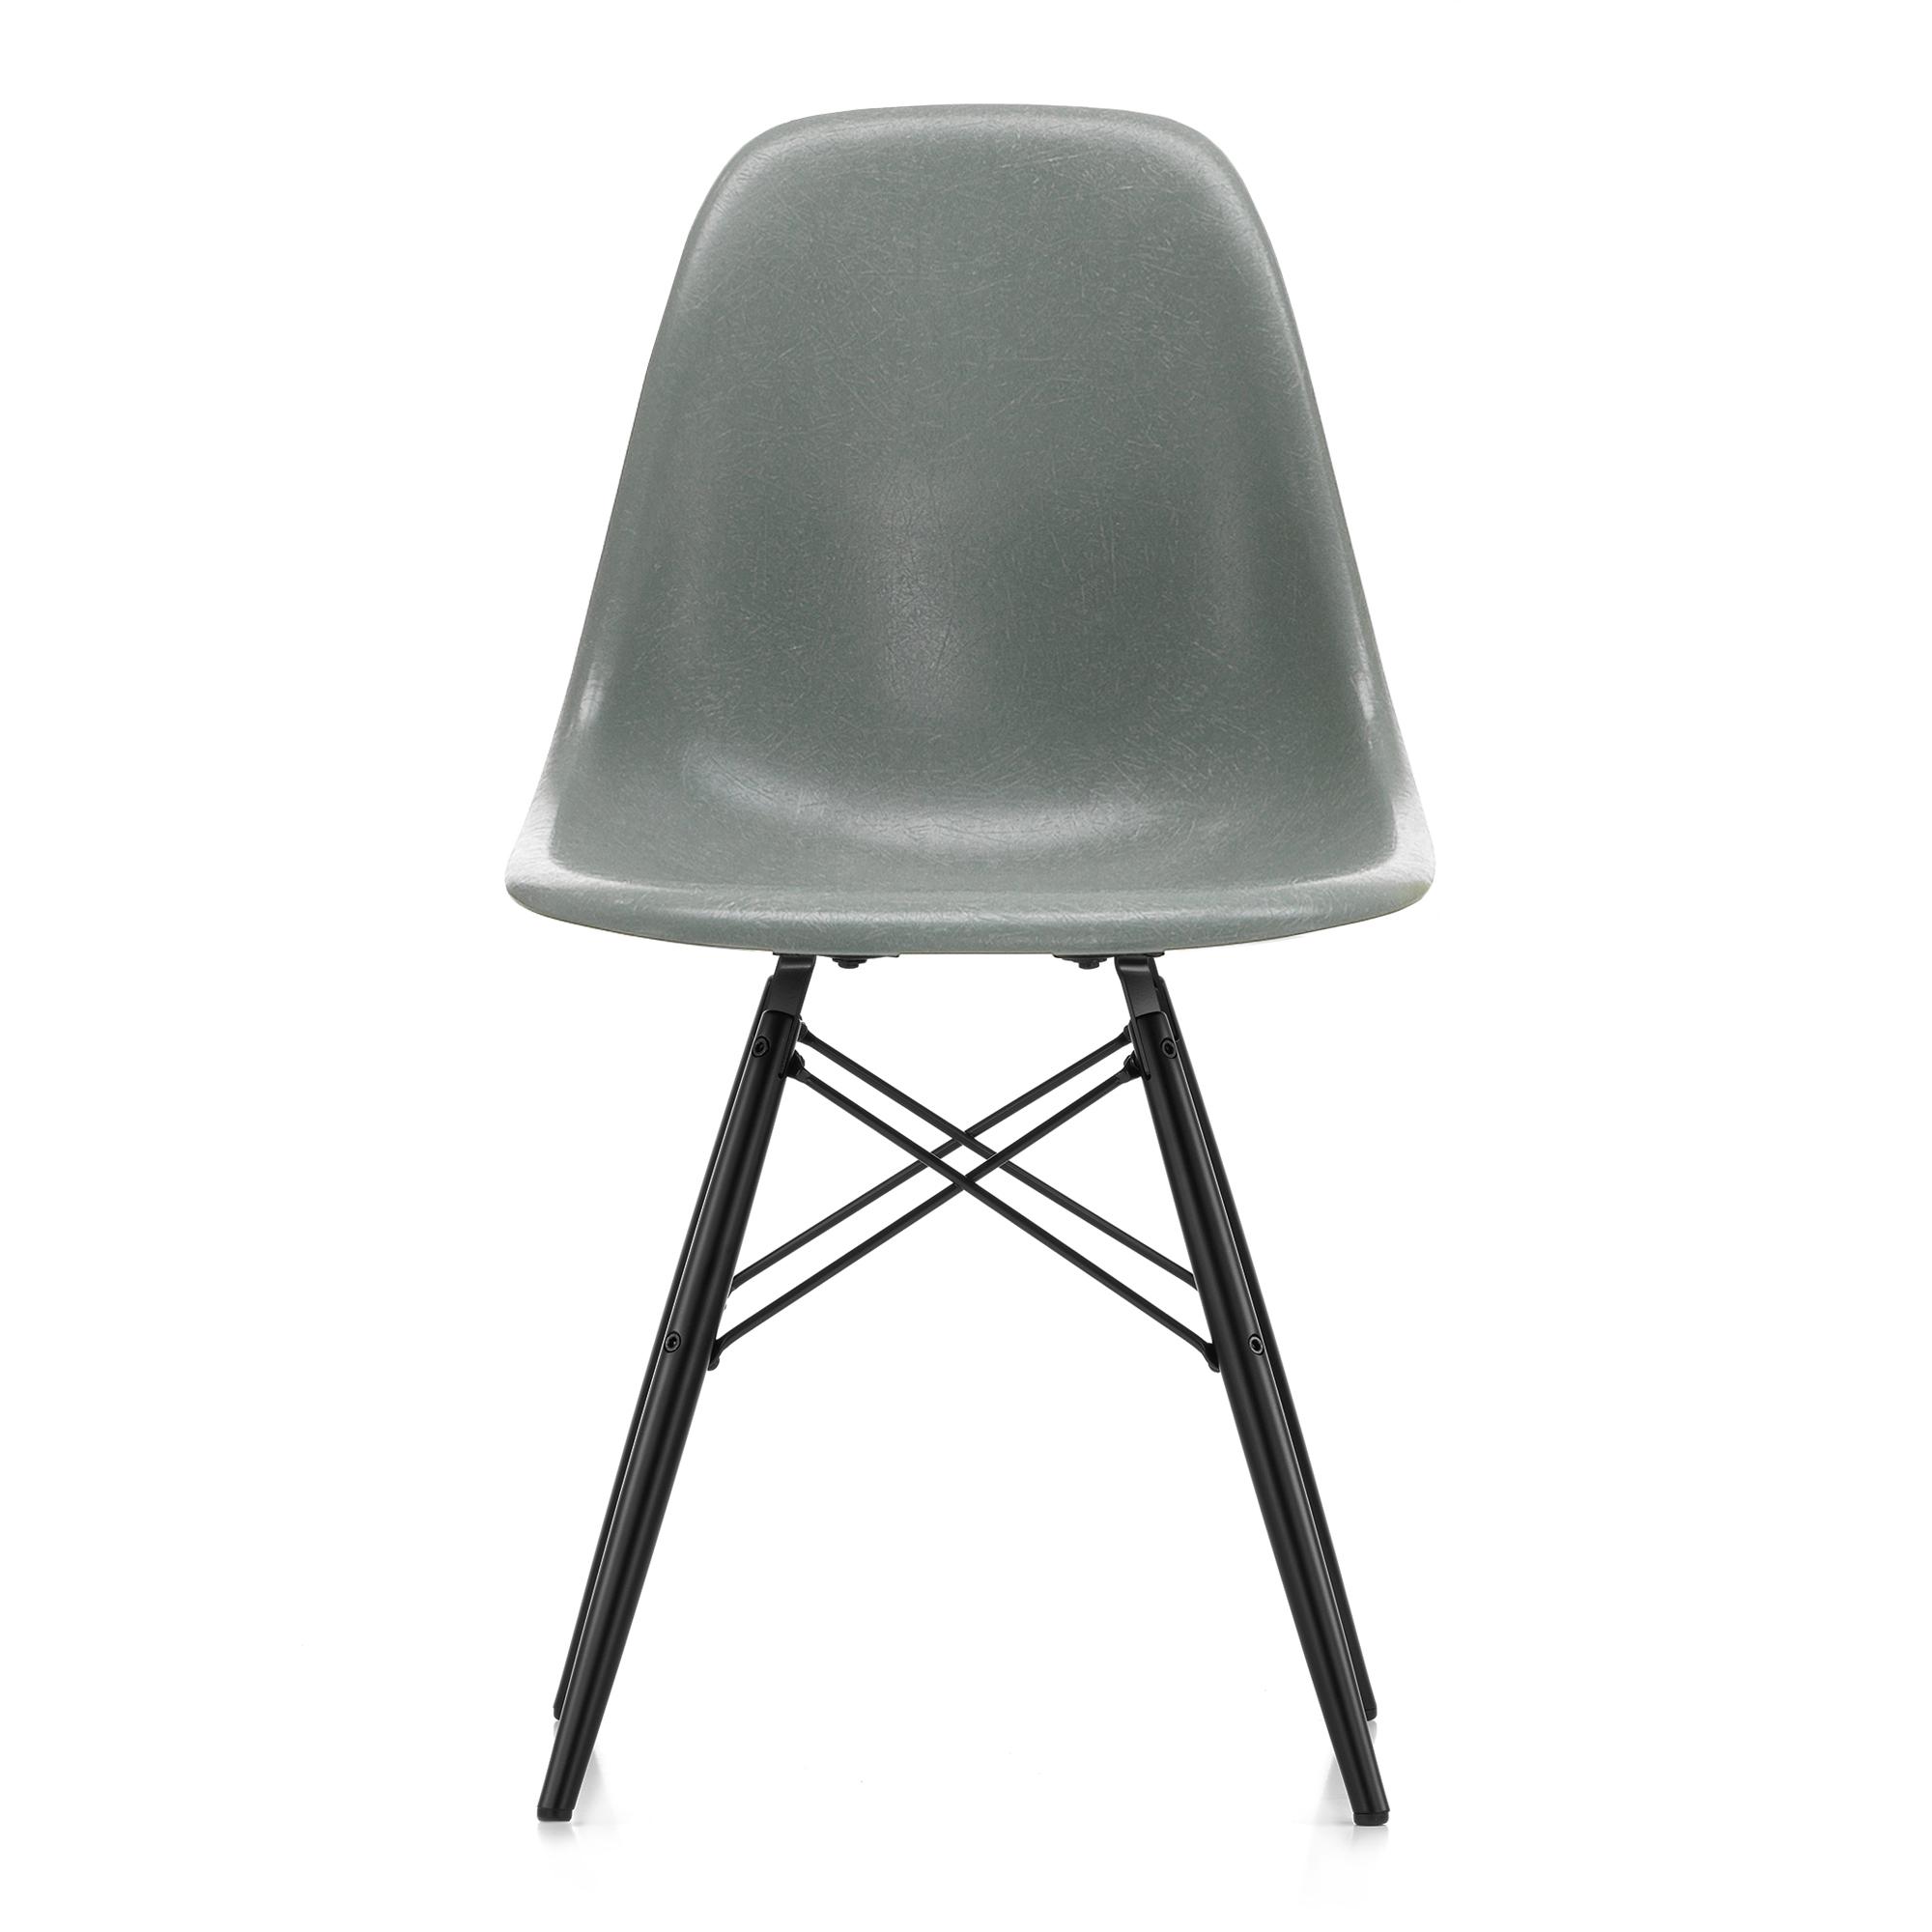 Herlig Eames Fiberglass Chair DSW Sea Foam Green Black Maple STOL | Vitra CS-32